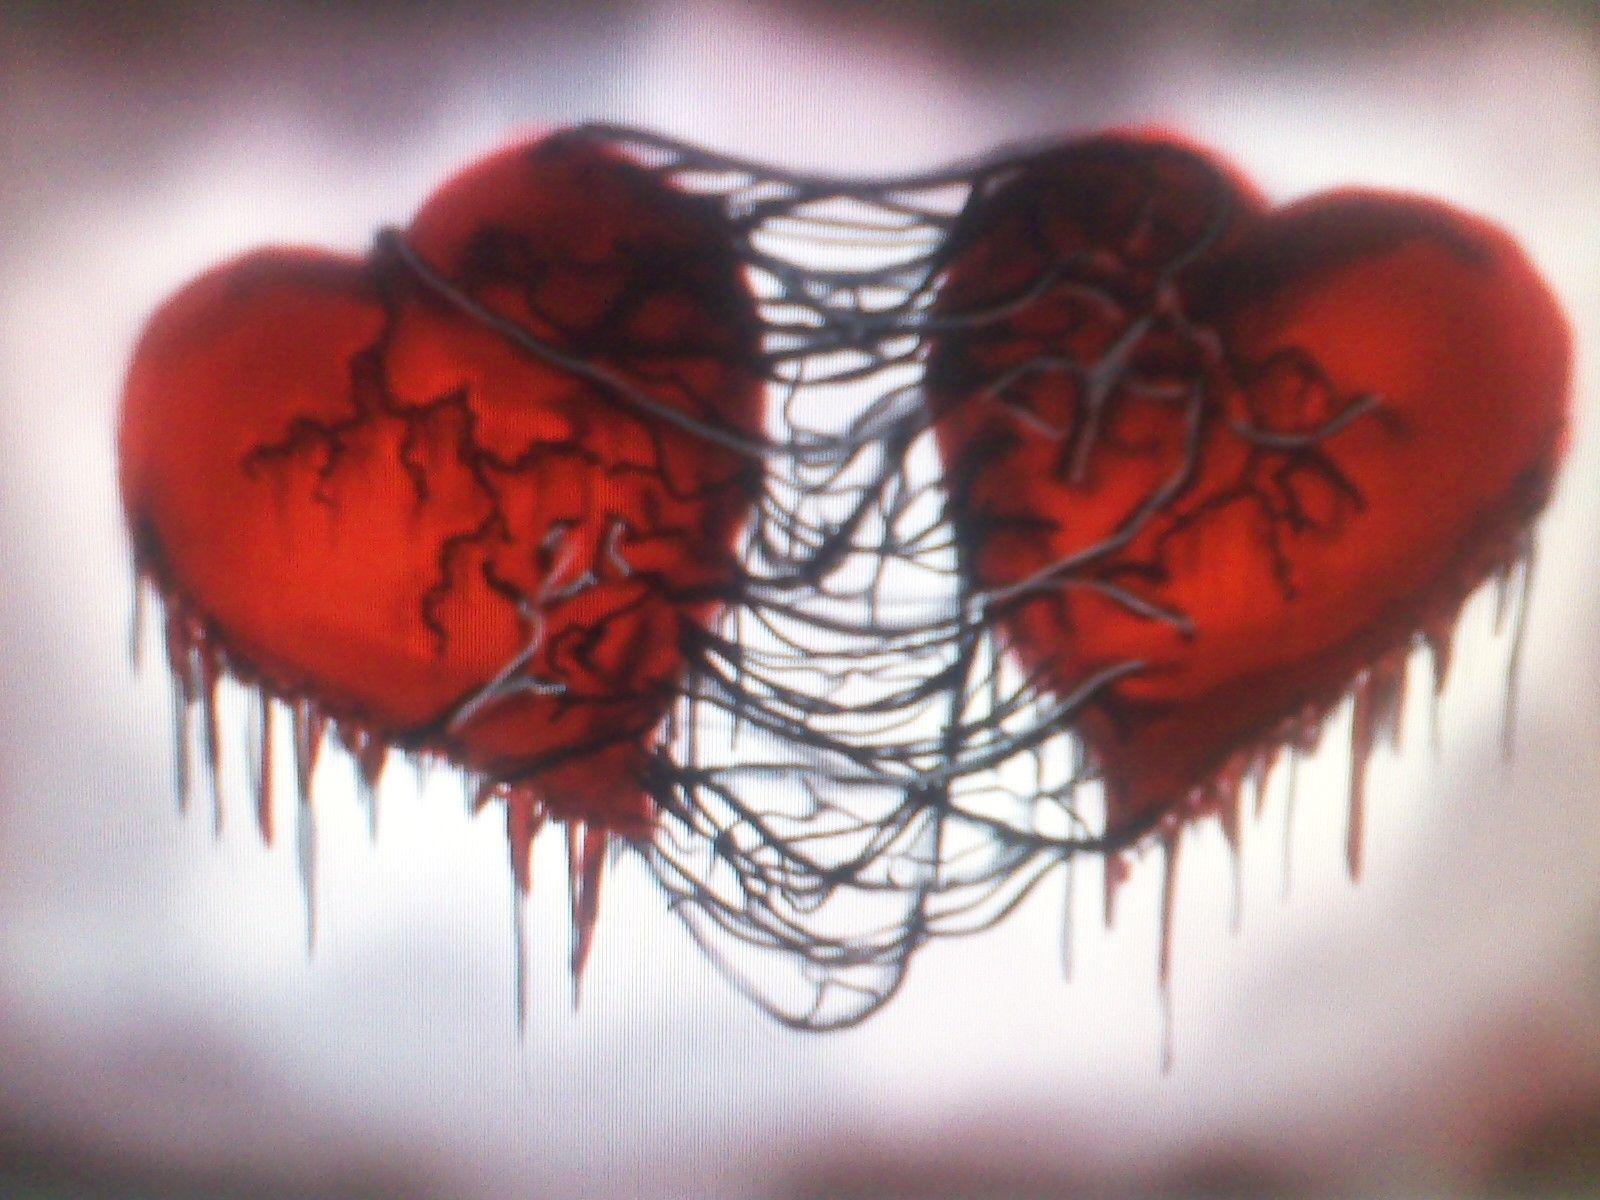 Картинка два сердца разбитых